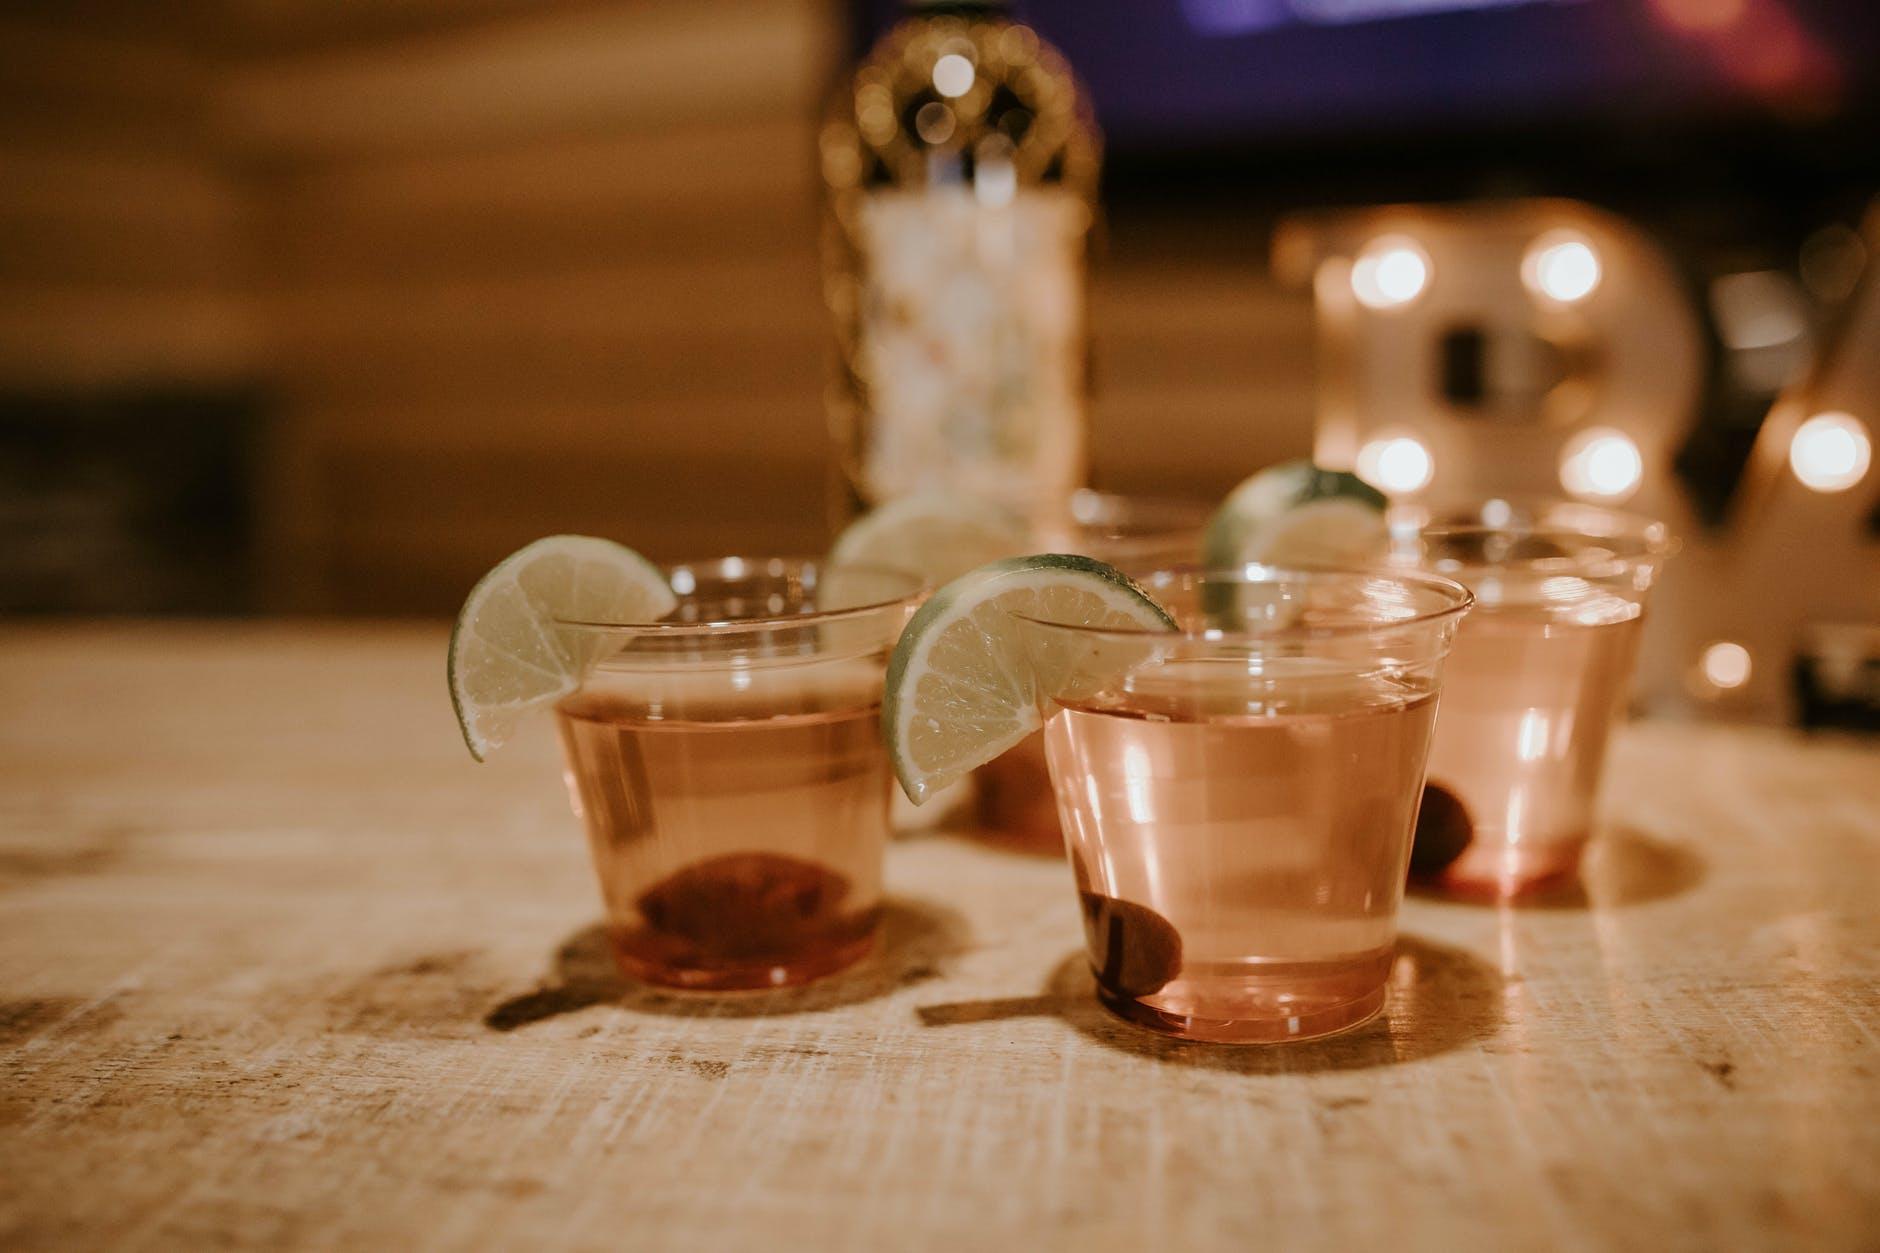 Tips Kesehatan Optimal - Stop Makanan Minuman yang buruk bagi tubuh